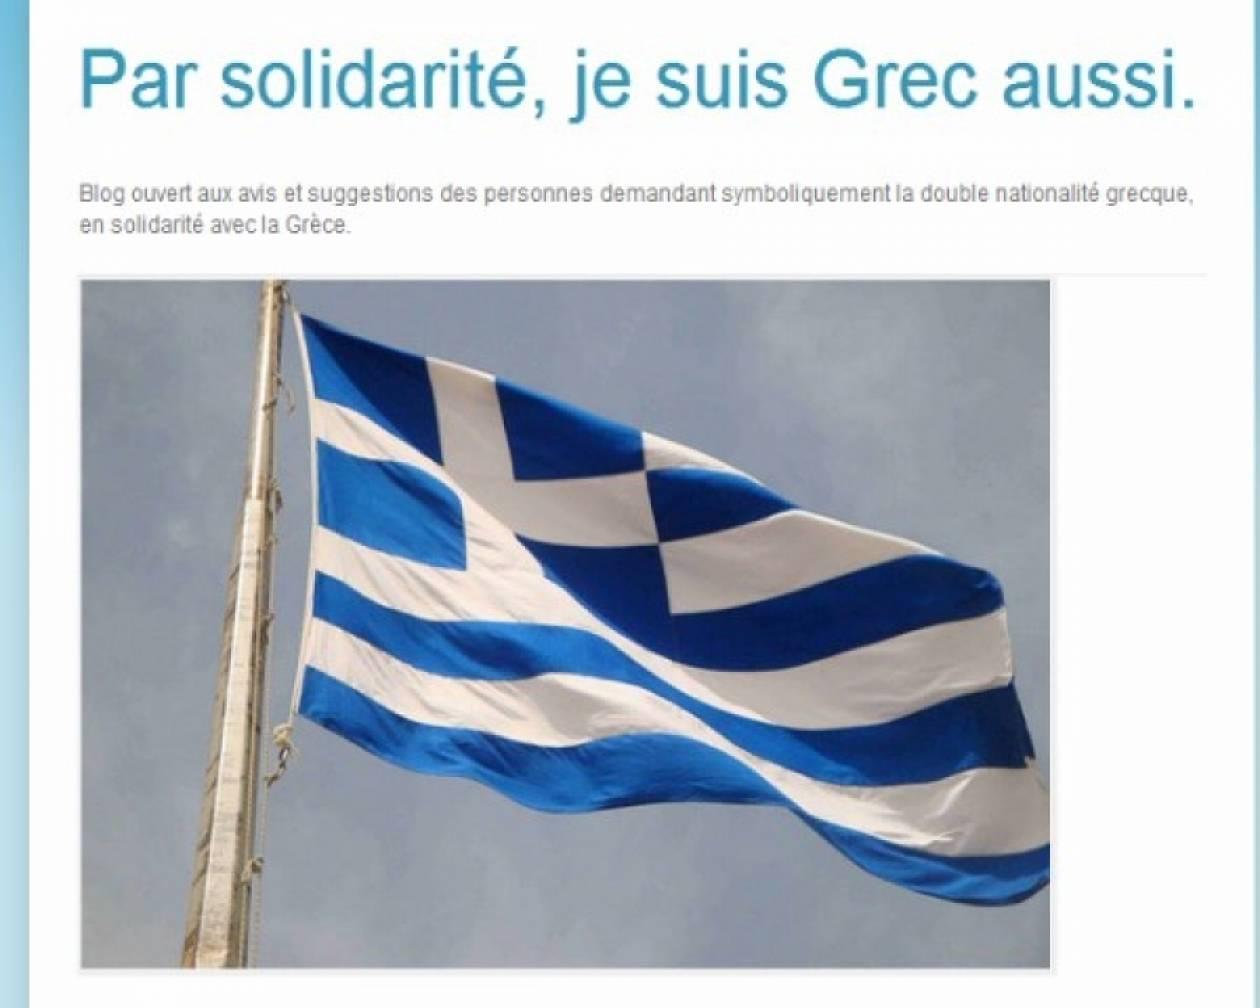 Φιλέλληνες Ευρωπαίοι ζητούν συμβολικά την Ελληνική υπηκοότητα!